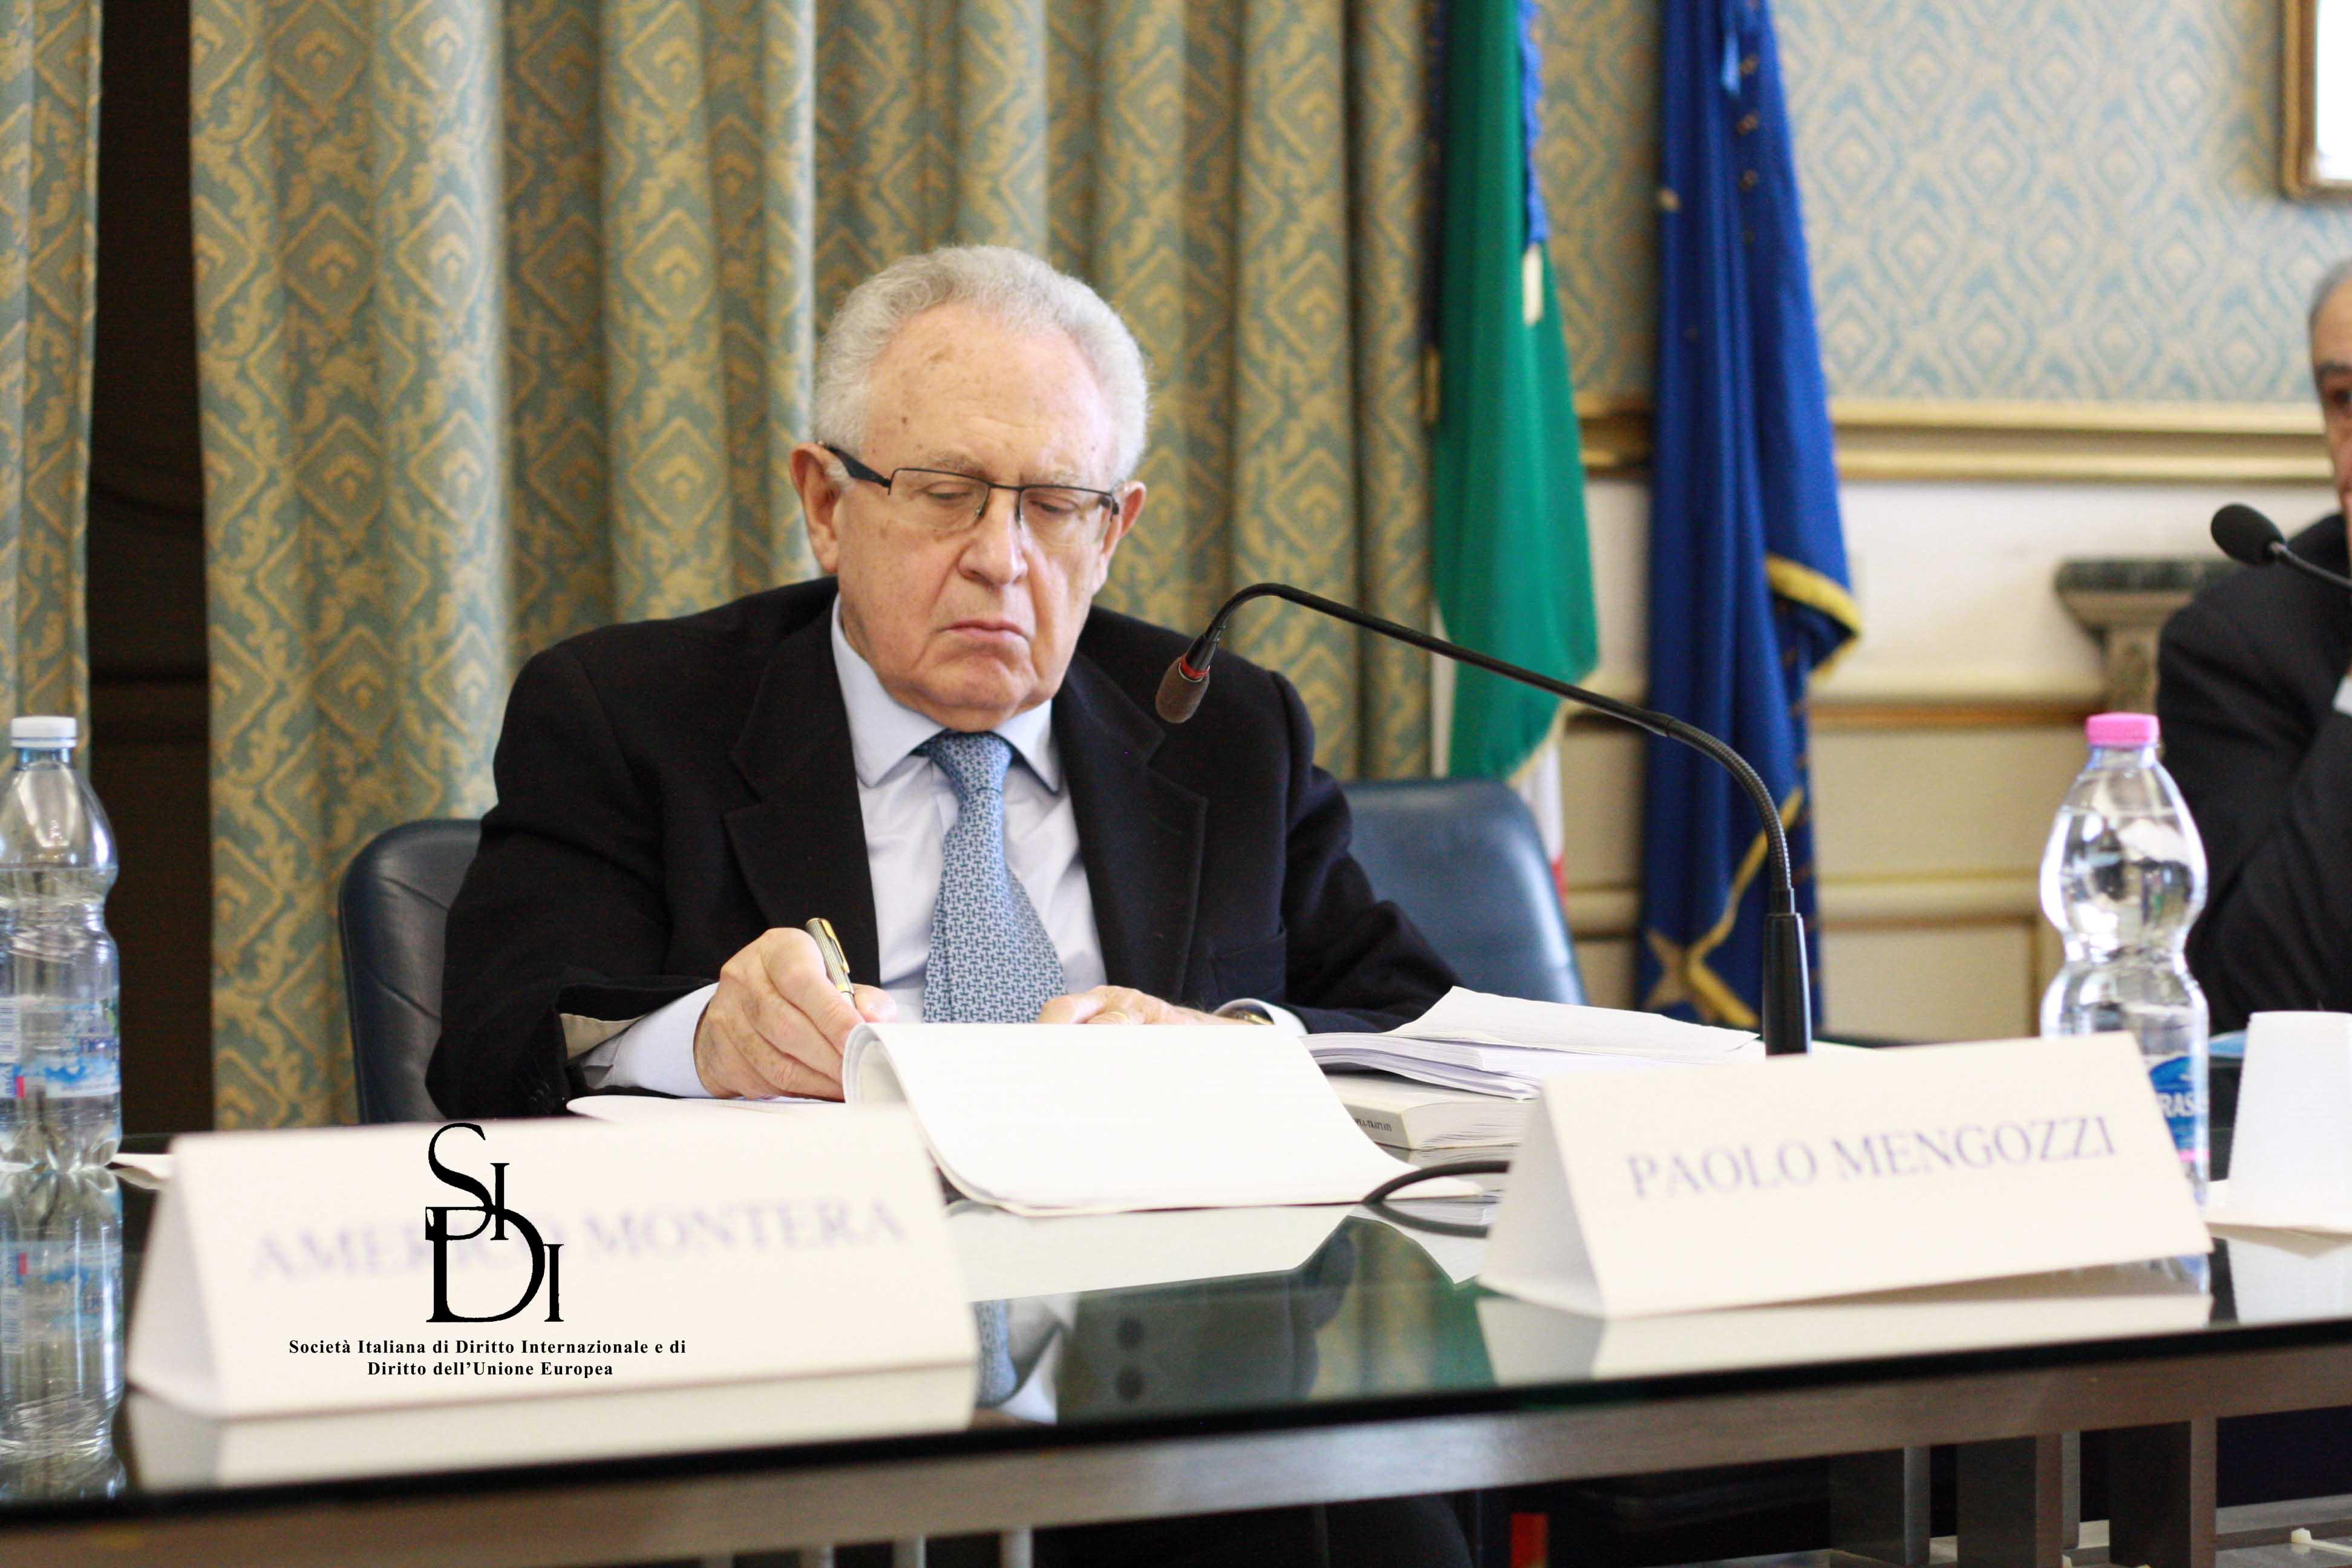 Prof. P. Mengozzi - Avvocato generale della Corte di giustizia  dell'Unione europea